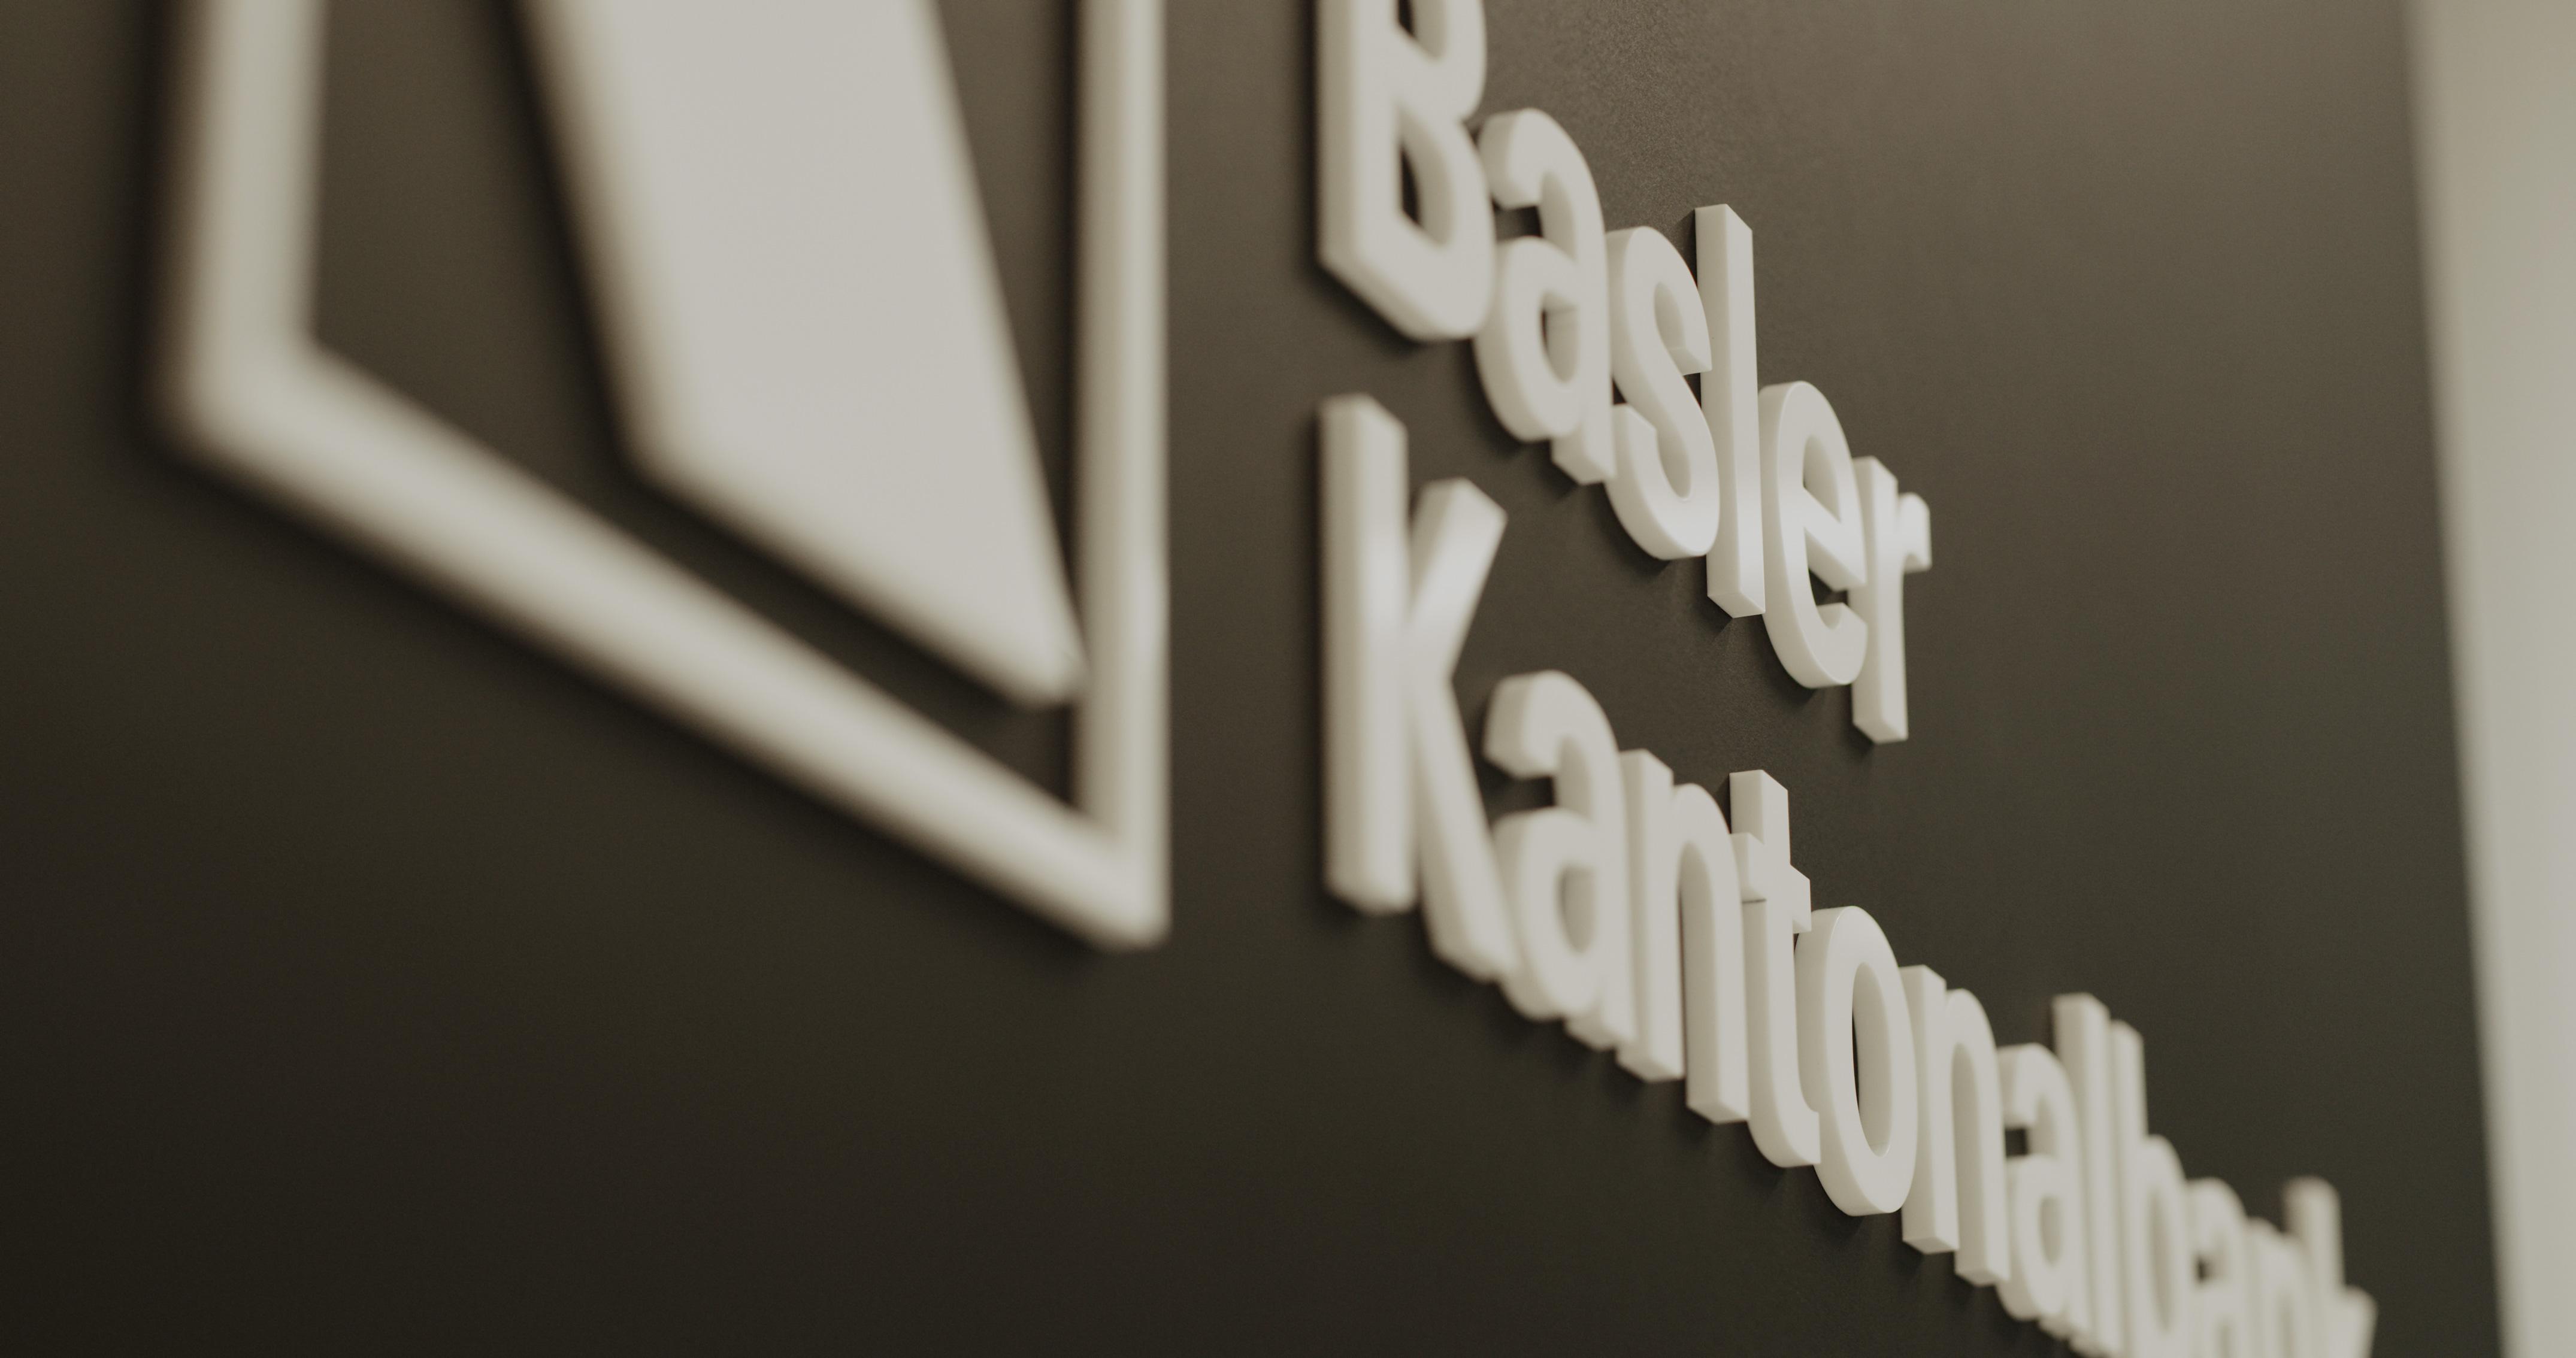 BKB & Bank Cler - Kundenfeedback messen, um zu begeistern